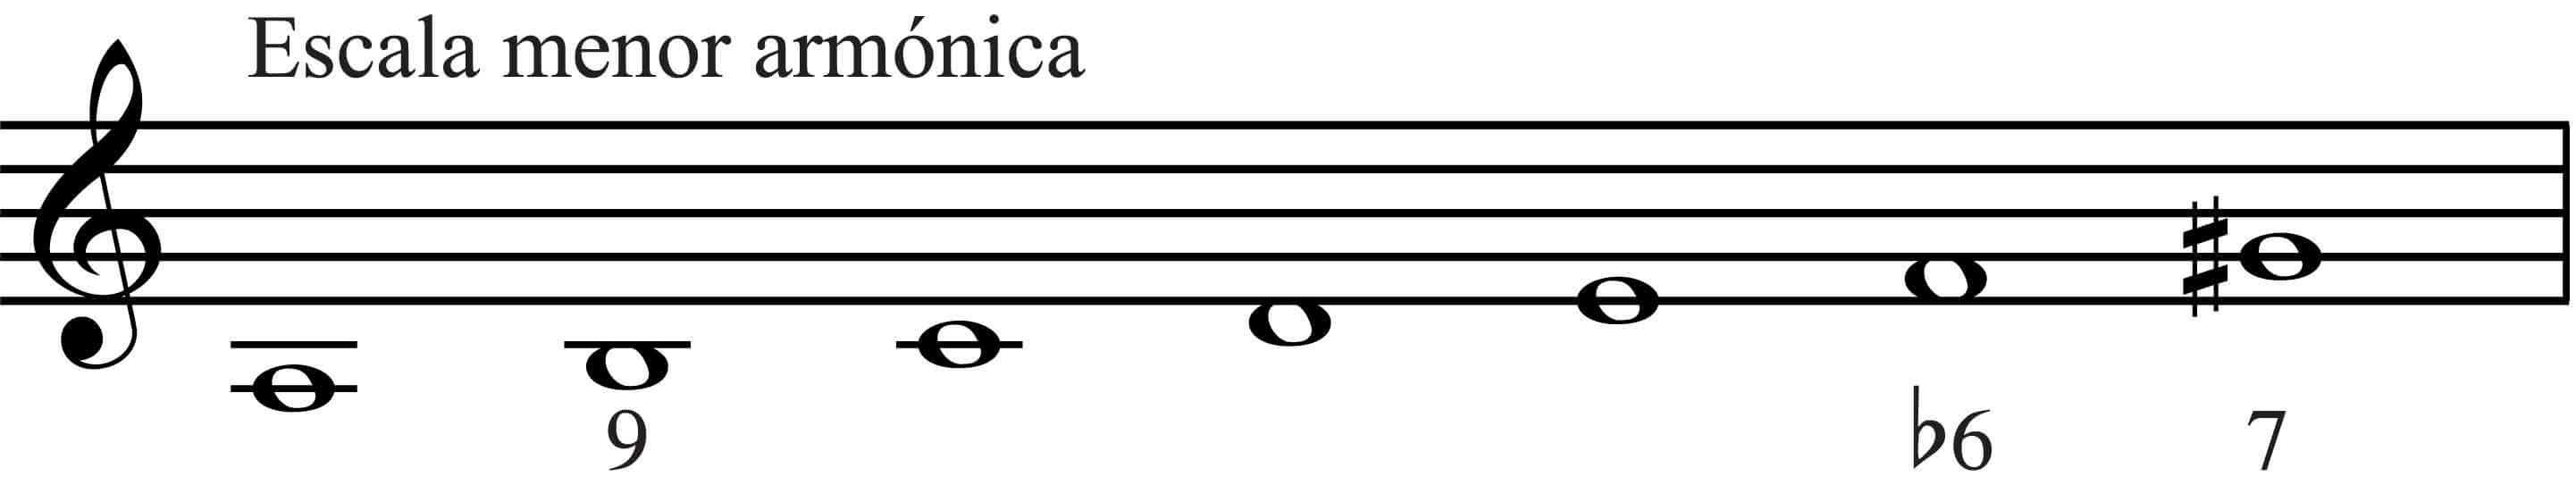 Escala A menor armónica